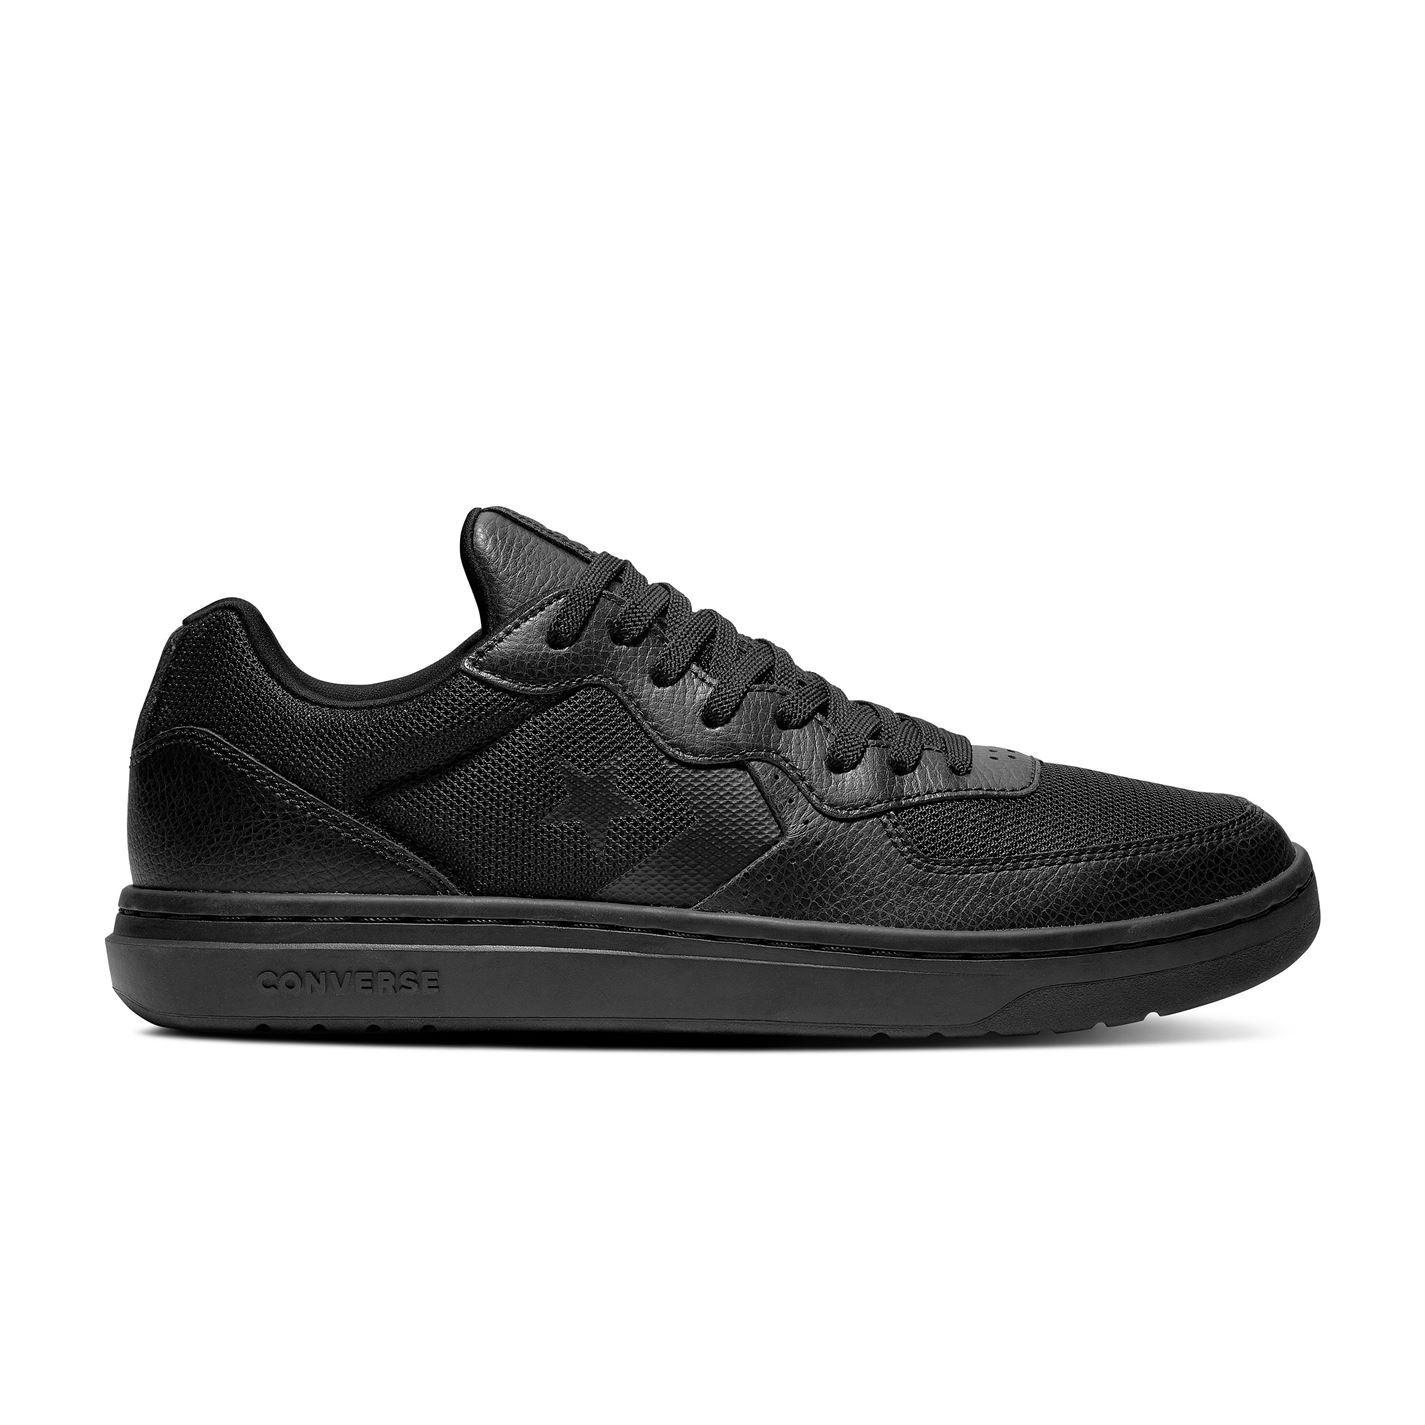 Converse-Rival-Baskets-Pour-Homme-Chaussures-De-Loisirs-Chaussures-Baskets miniature 4